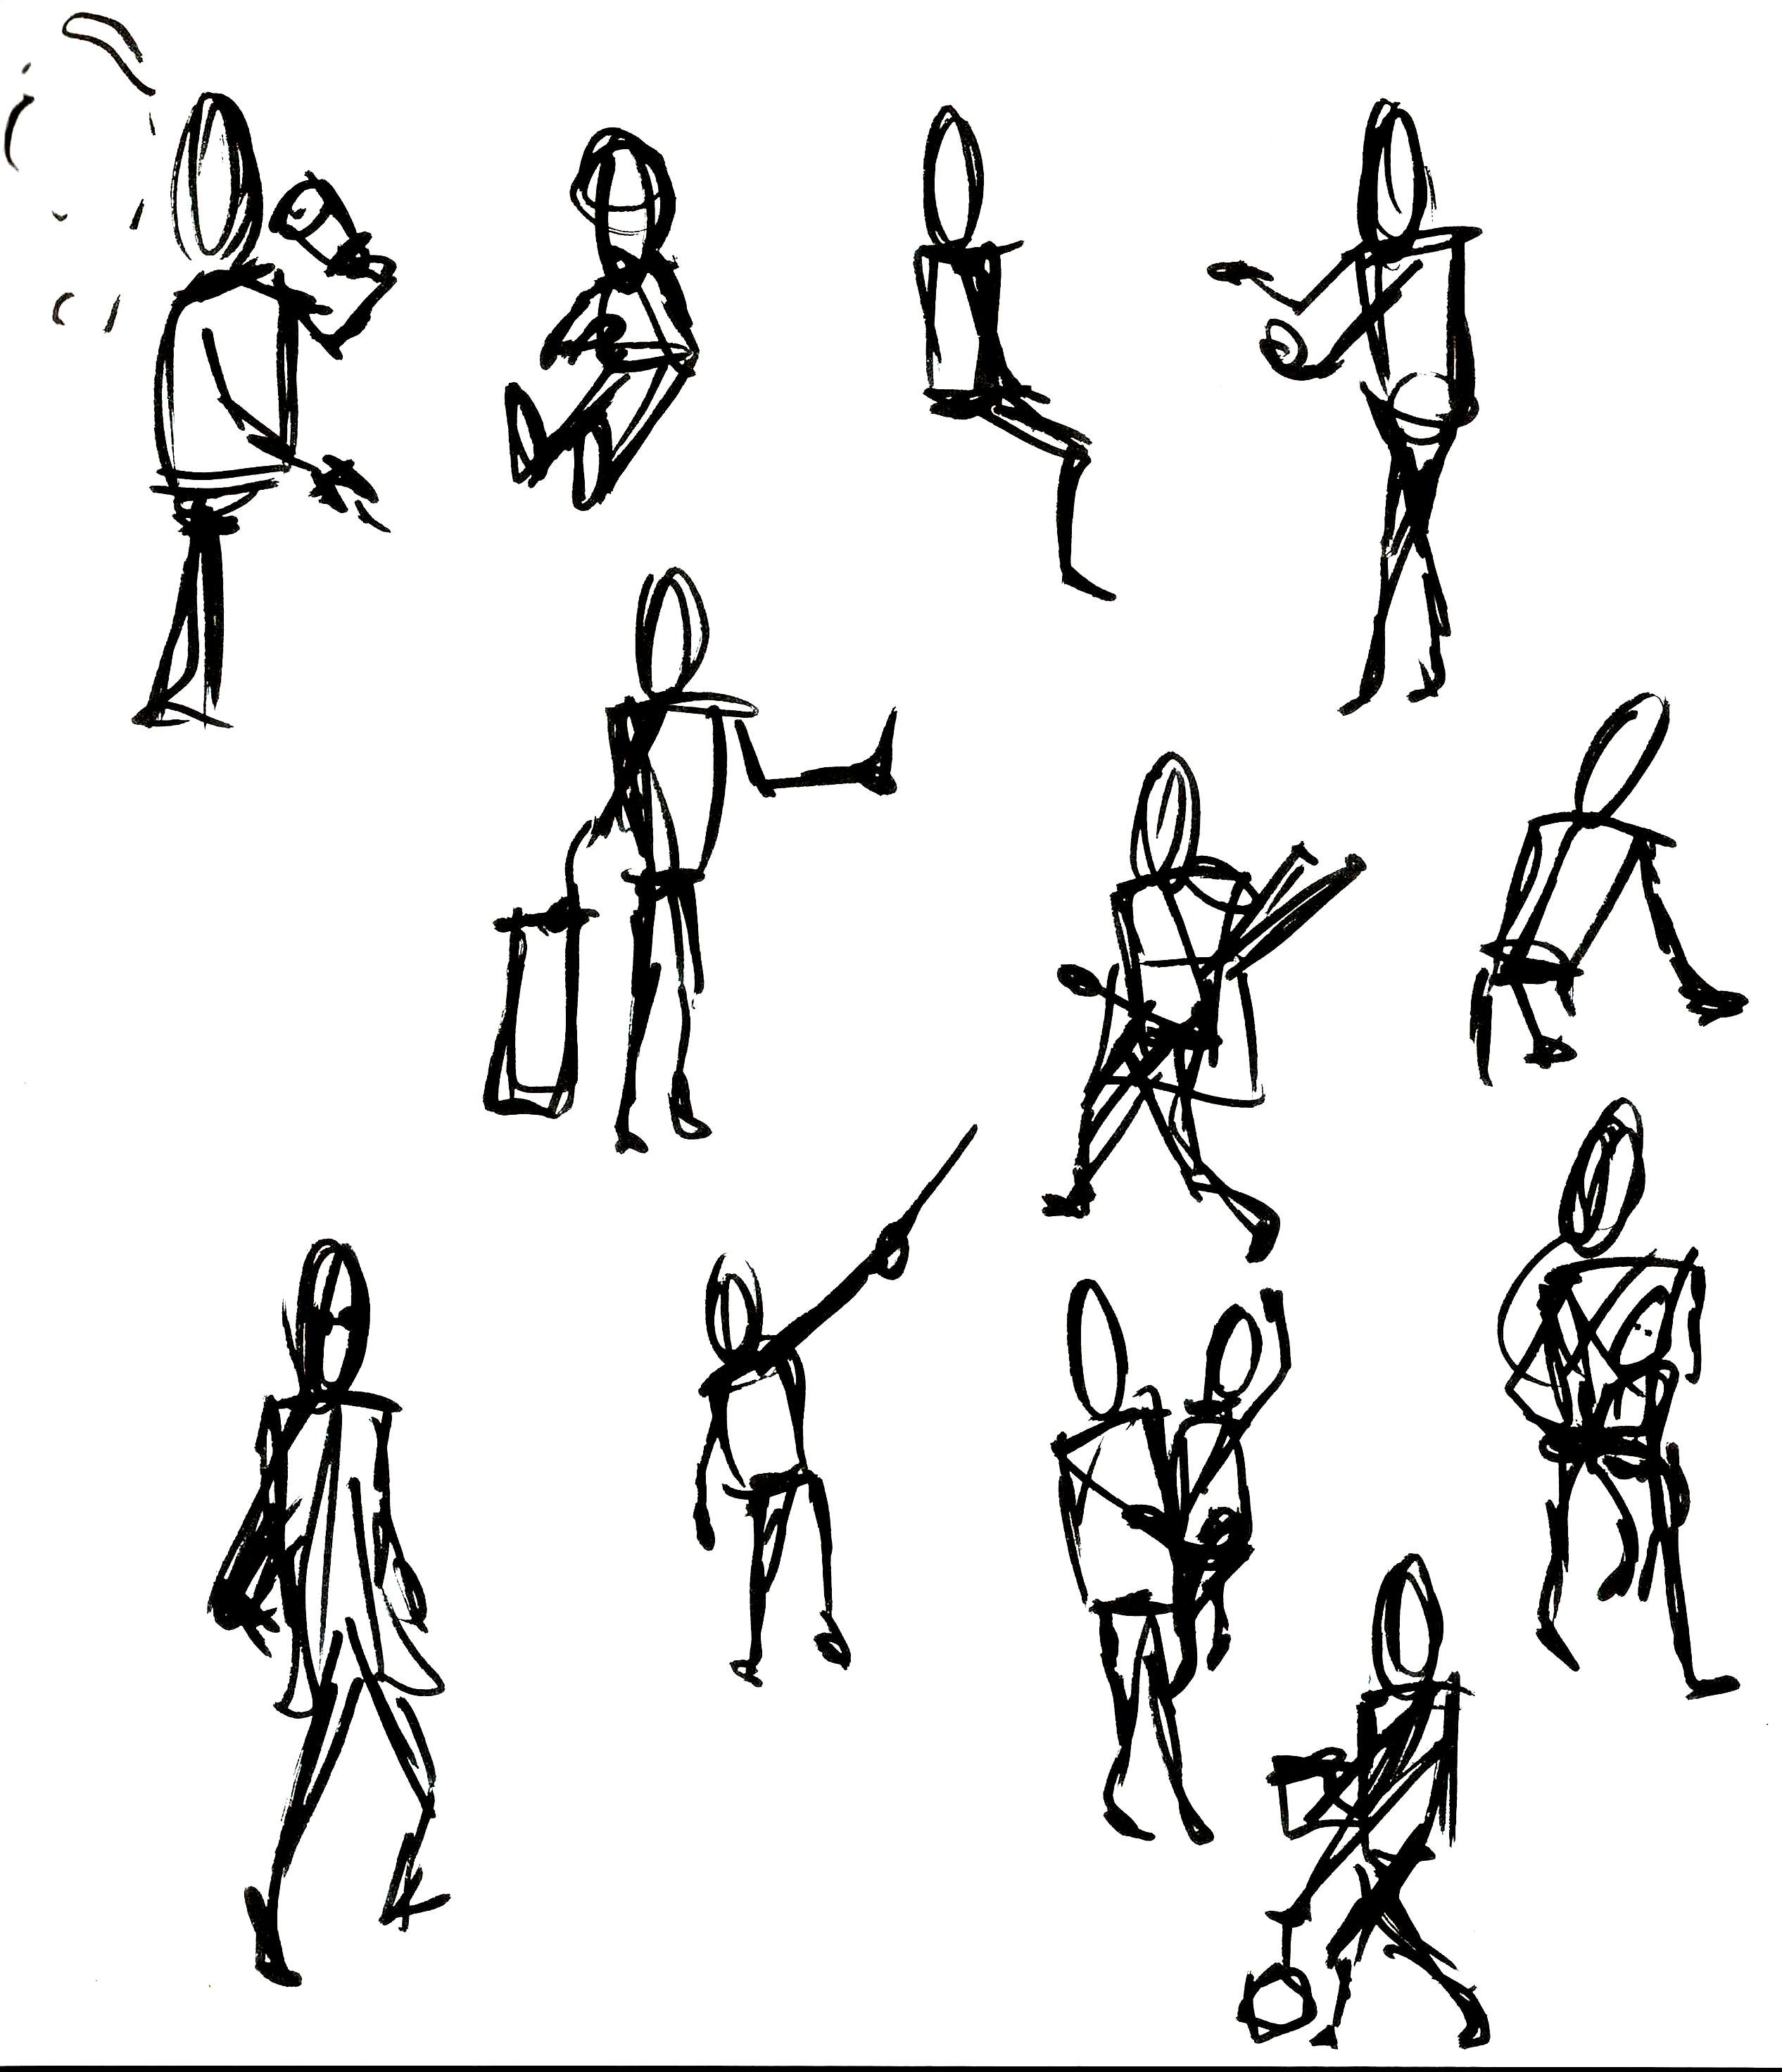 Gestural figures